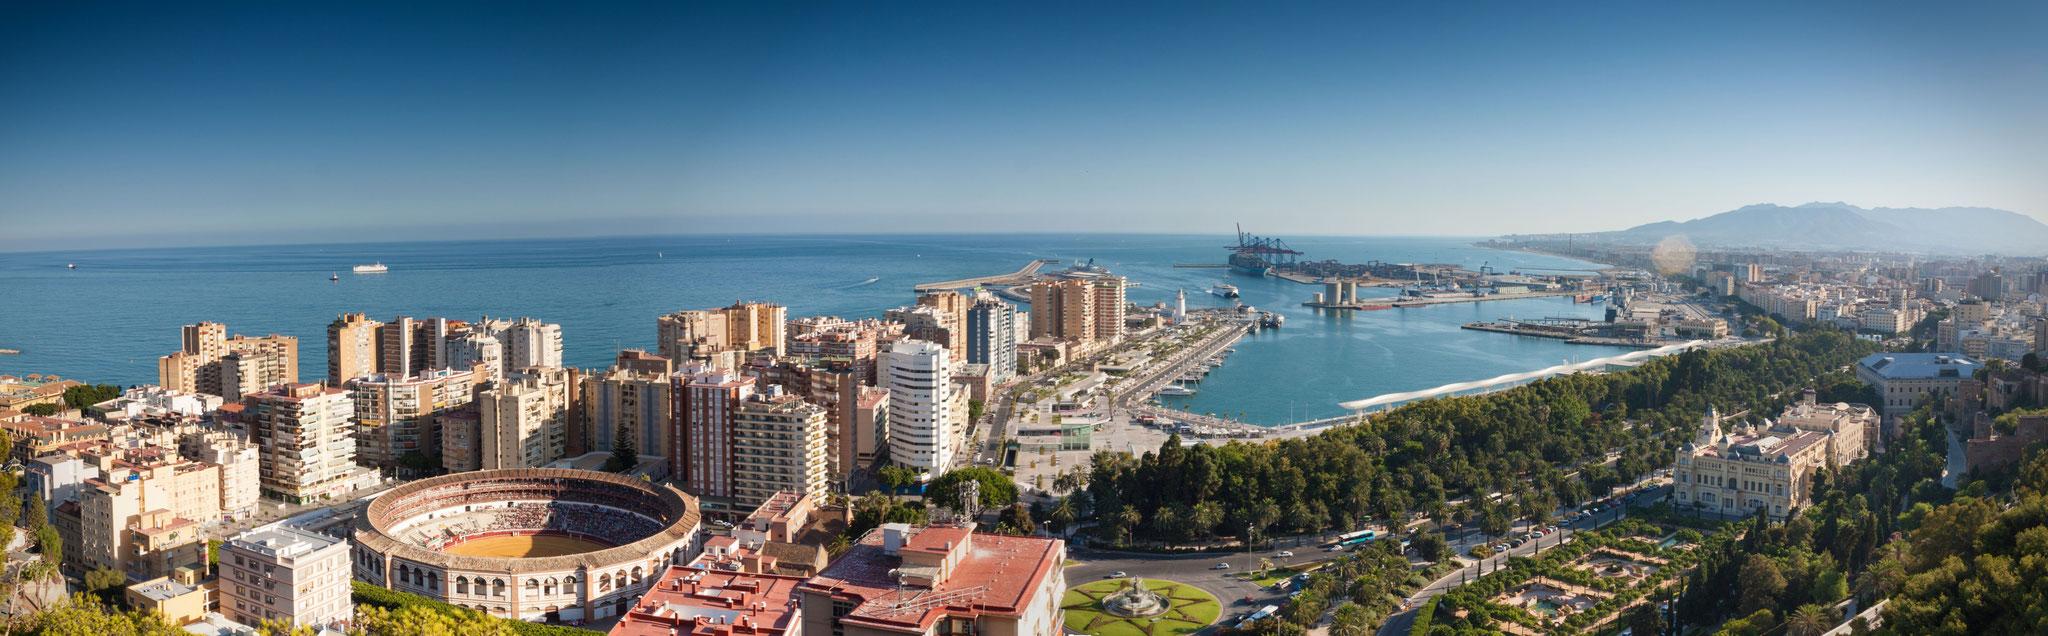 Malaga mit Blick auf Hafen und Mittelmeer